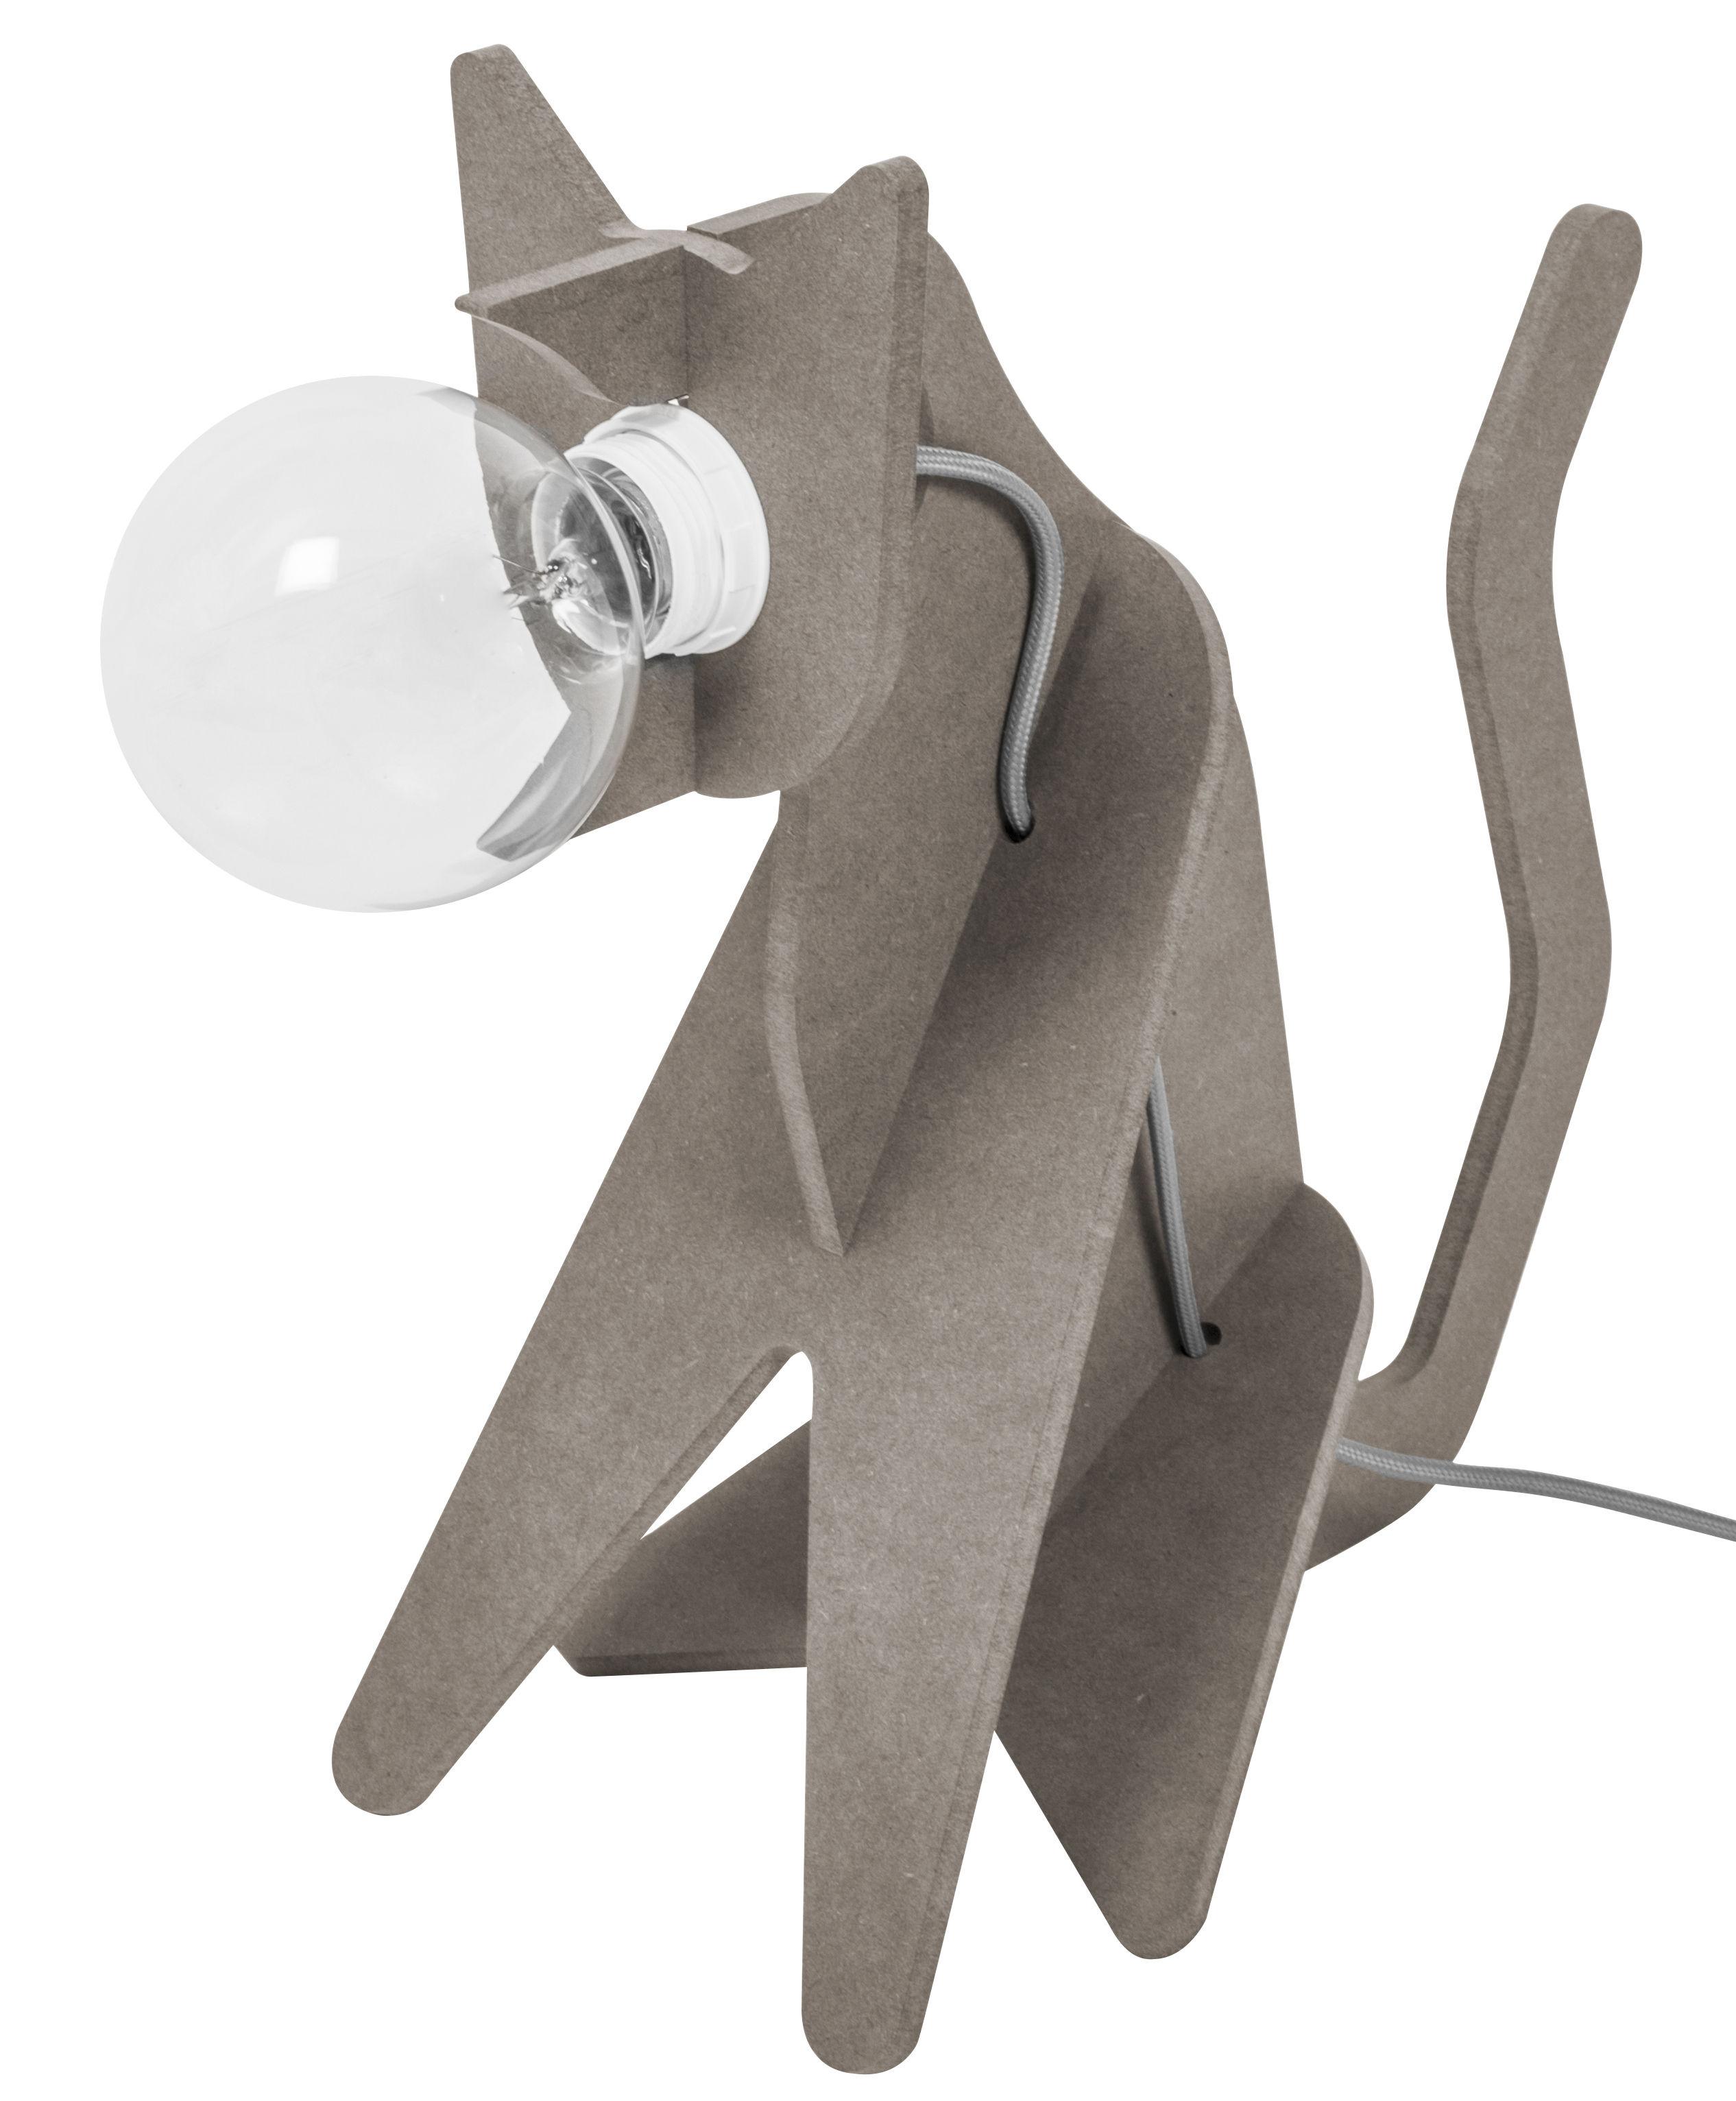 Leuchten - Tischleuchten - Get out / Chat Tischleuchte - ENOstudio - Hellgrau - Stromkabel rot - Medium teinté